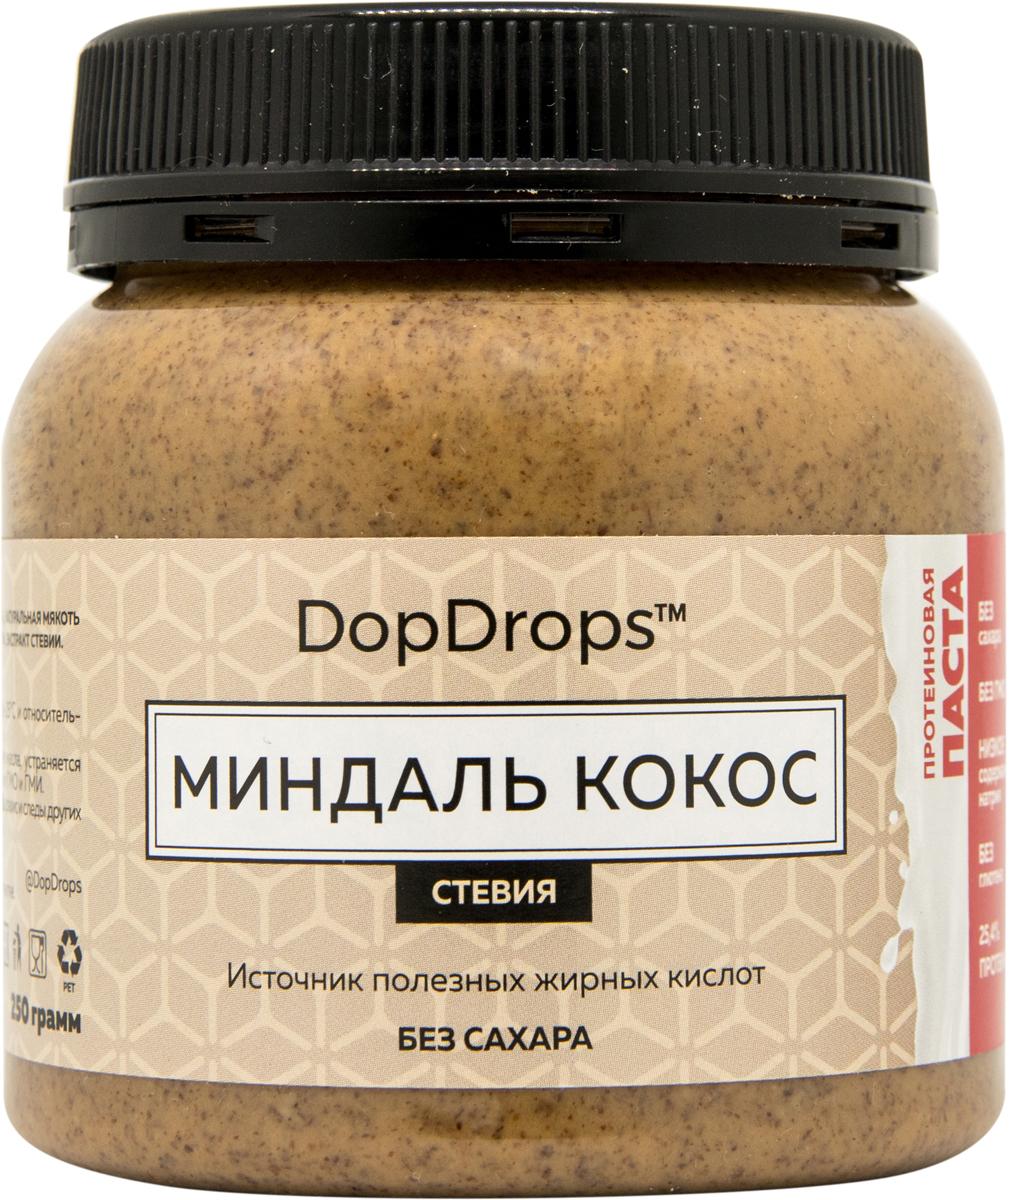 """Паста протеиновая DopDrops """"Миндаль. Кокос"""", стевия, 250 г"""